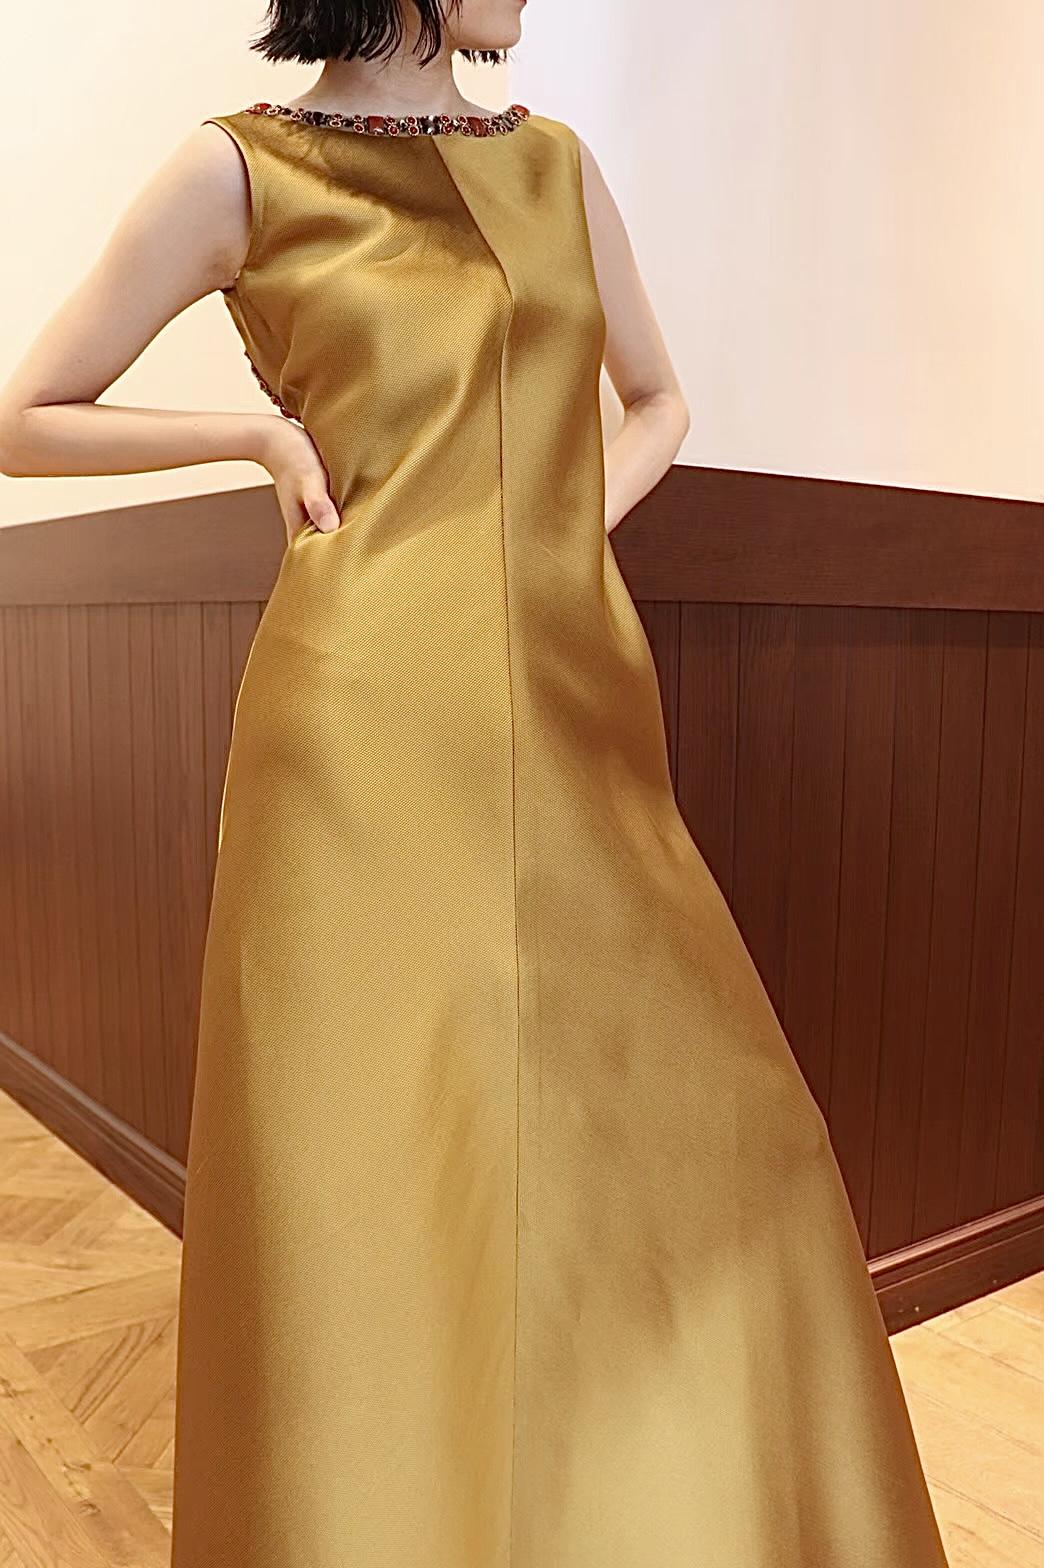 ザトリートドレッシング名古屋店がおすすめするREEM ACRA(リームアクラ)のゴールドのカラードレス